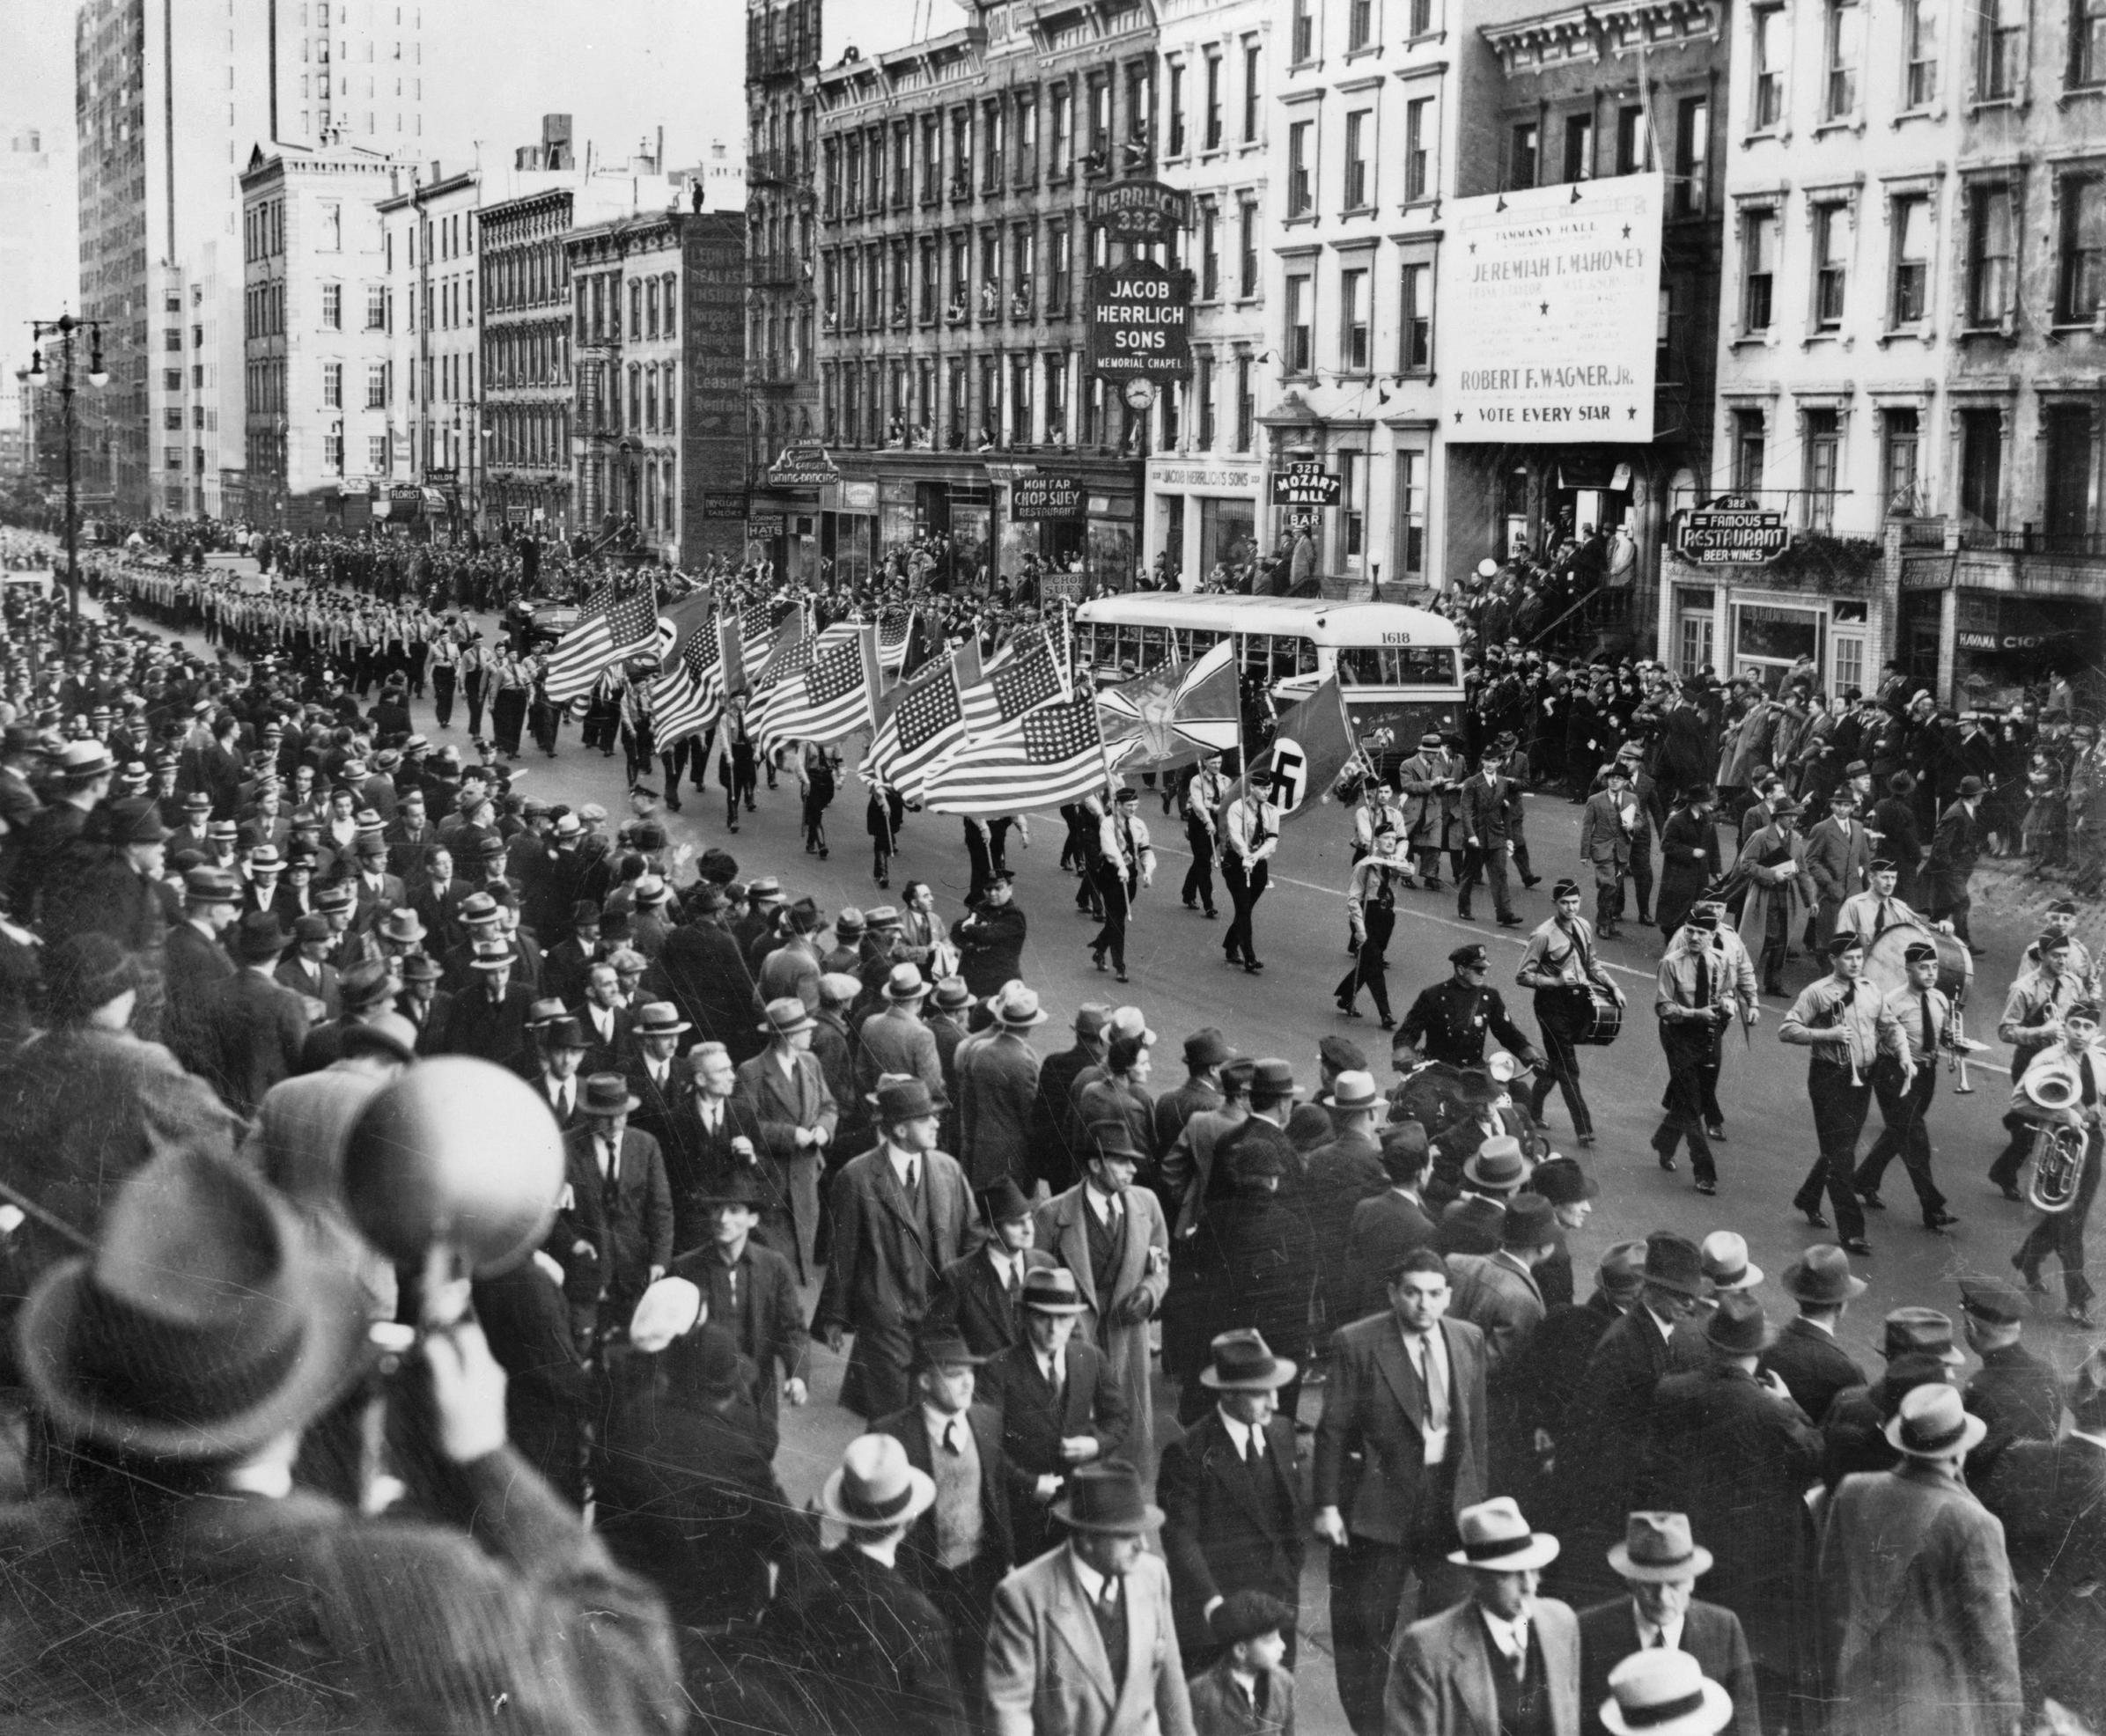 צעדת הנאצים בניו יורק